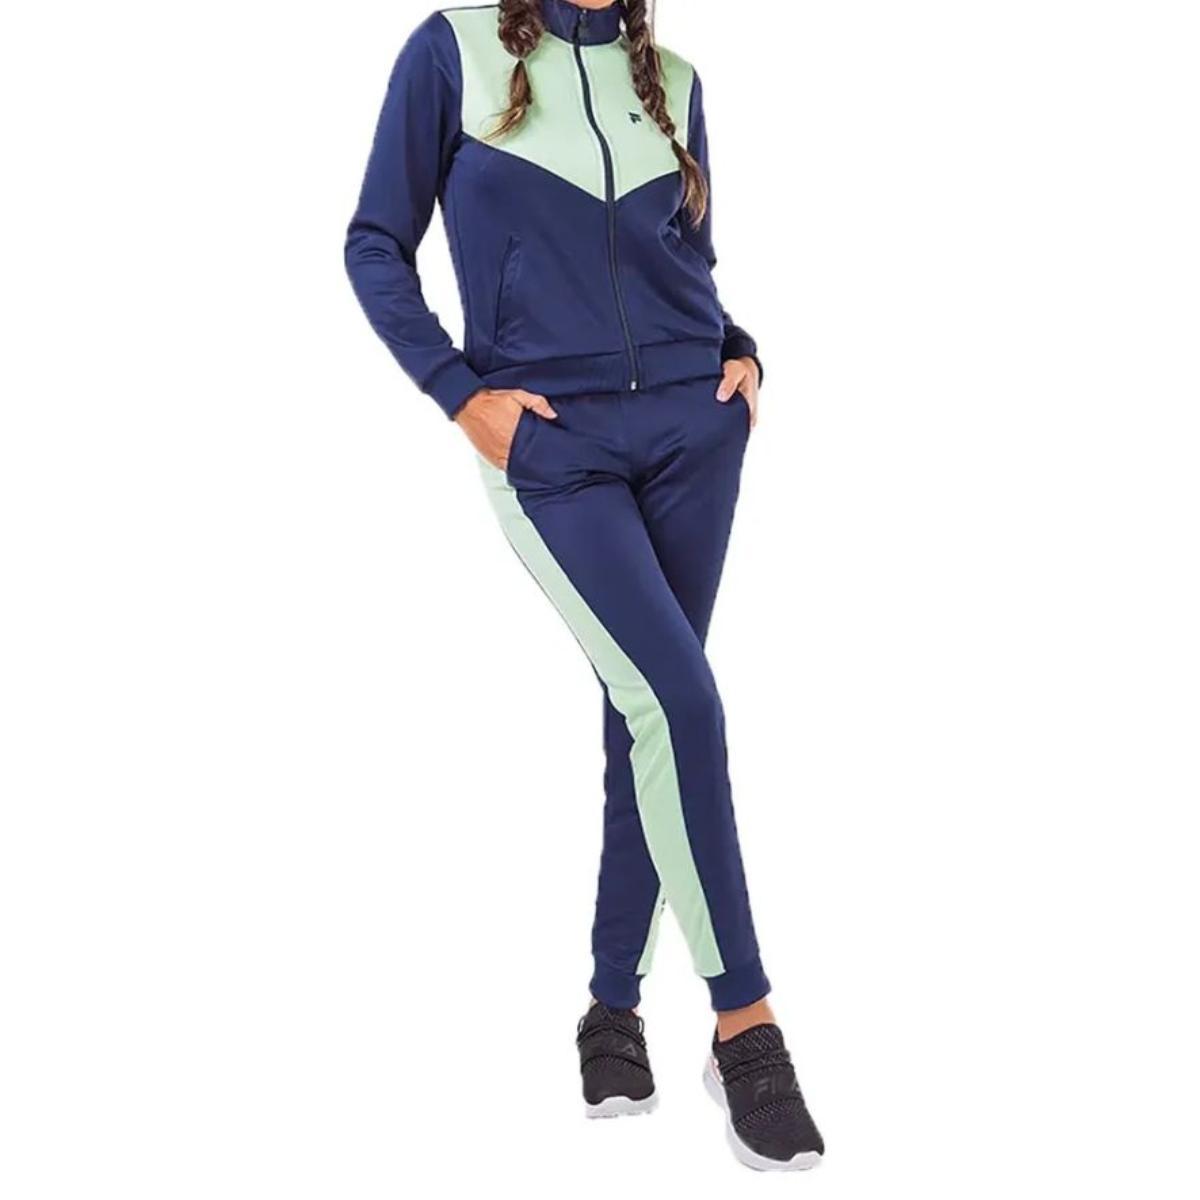 Abrigo Feminino Fila F12at500011.2393 Block Colors Marinho/verde